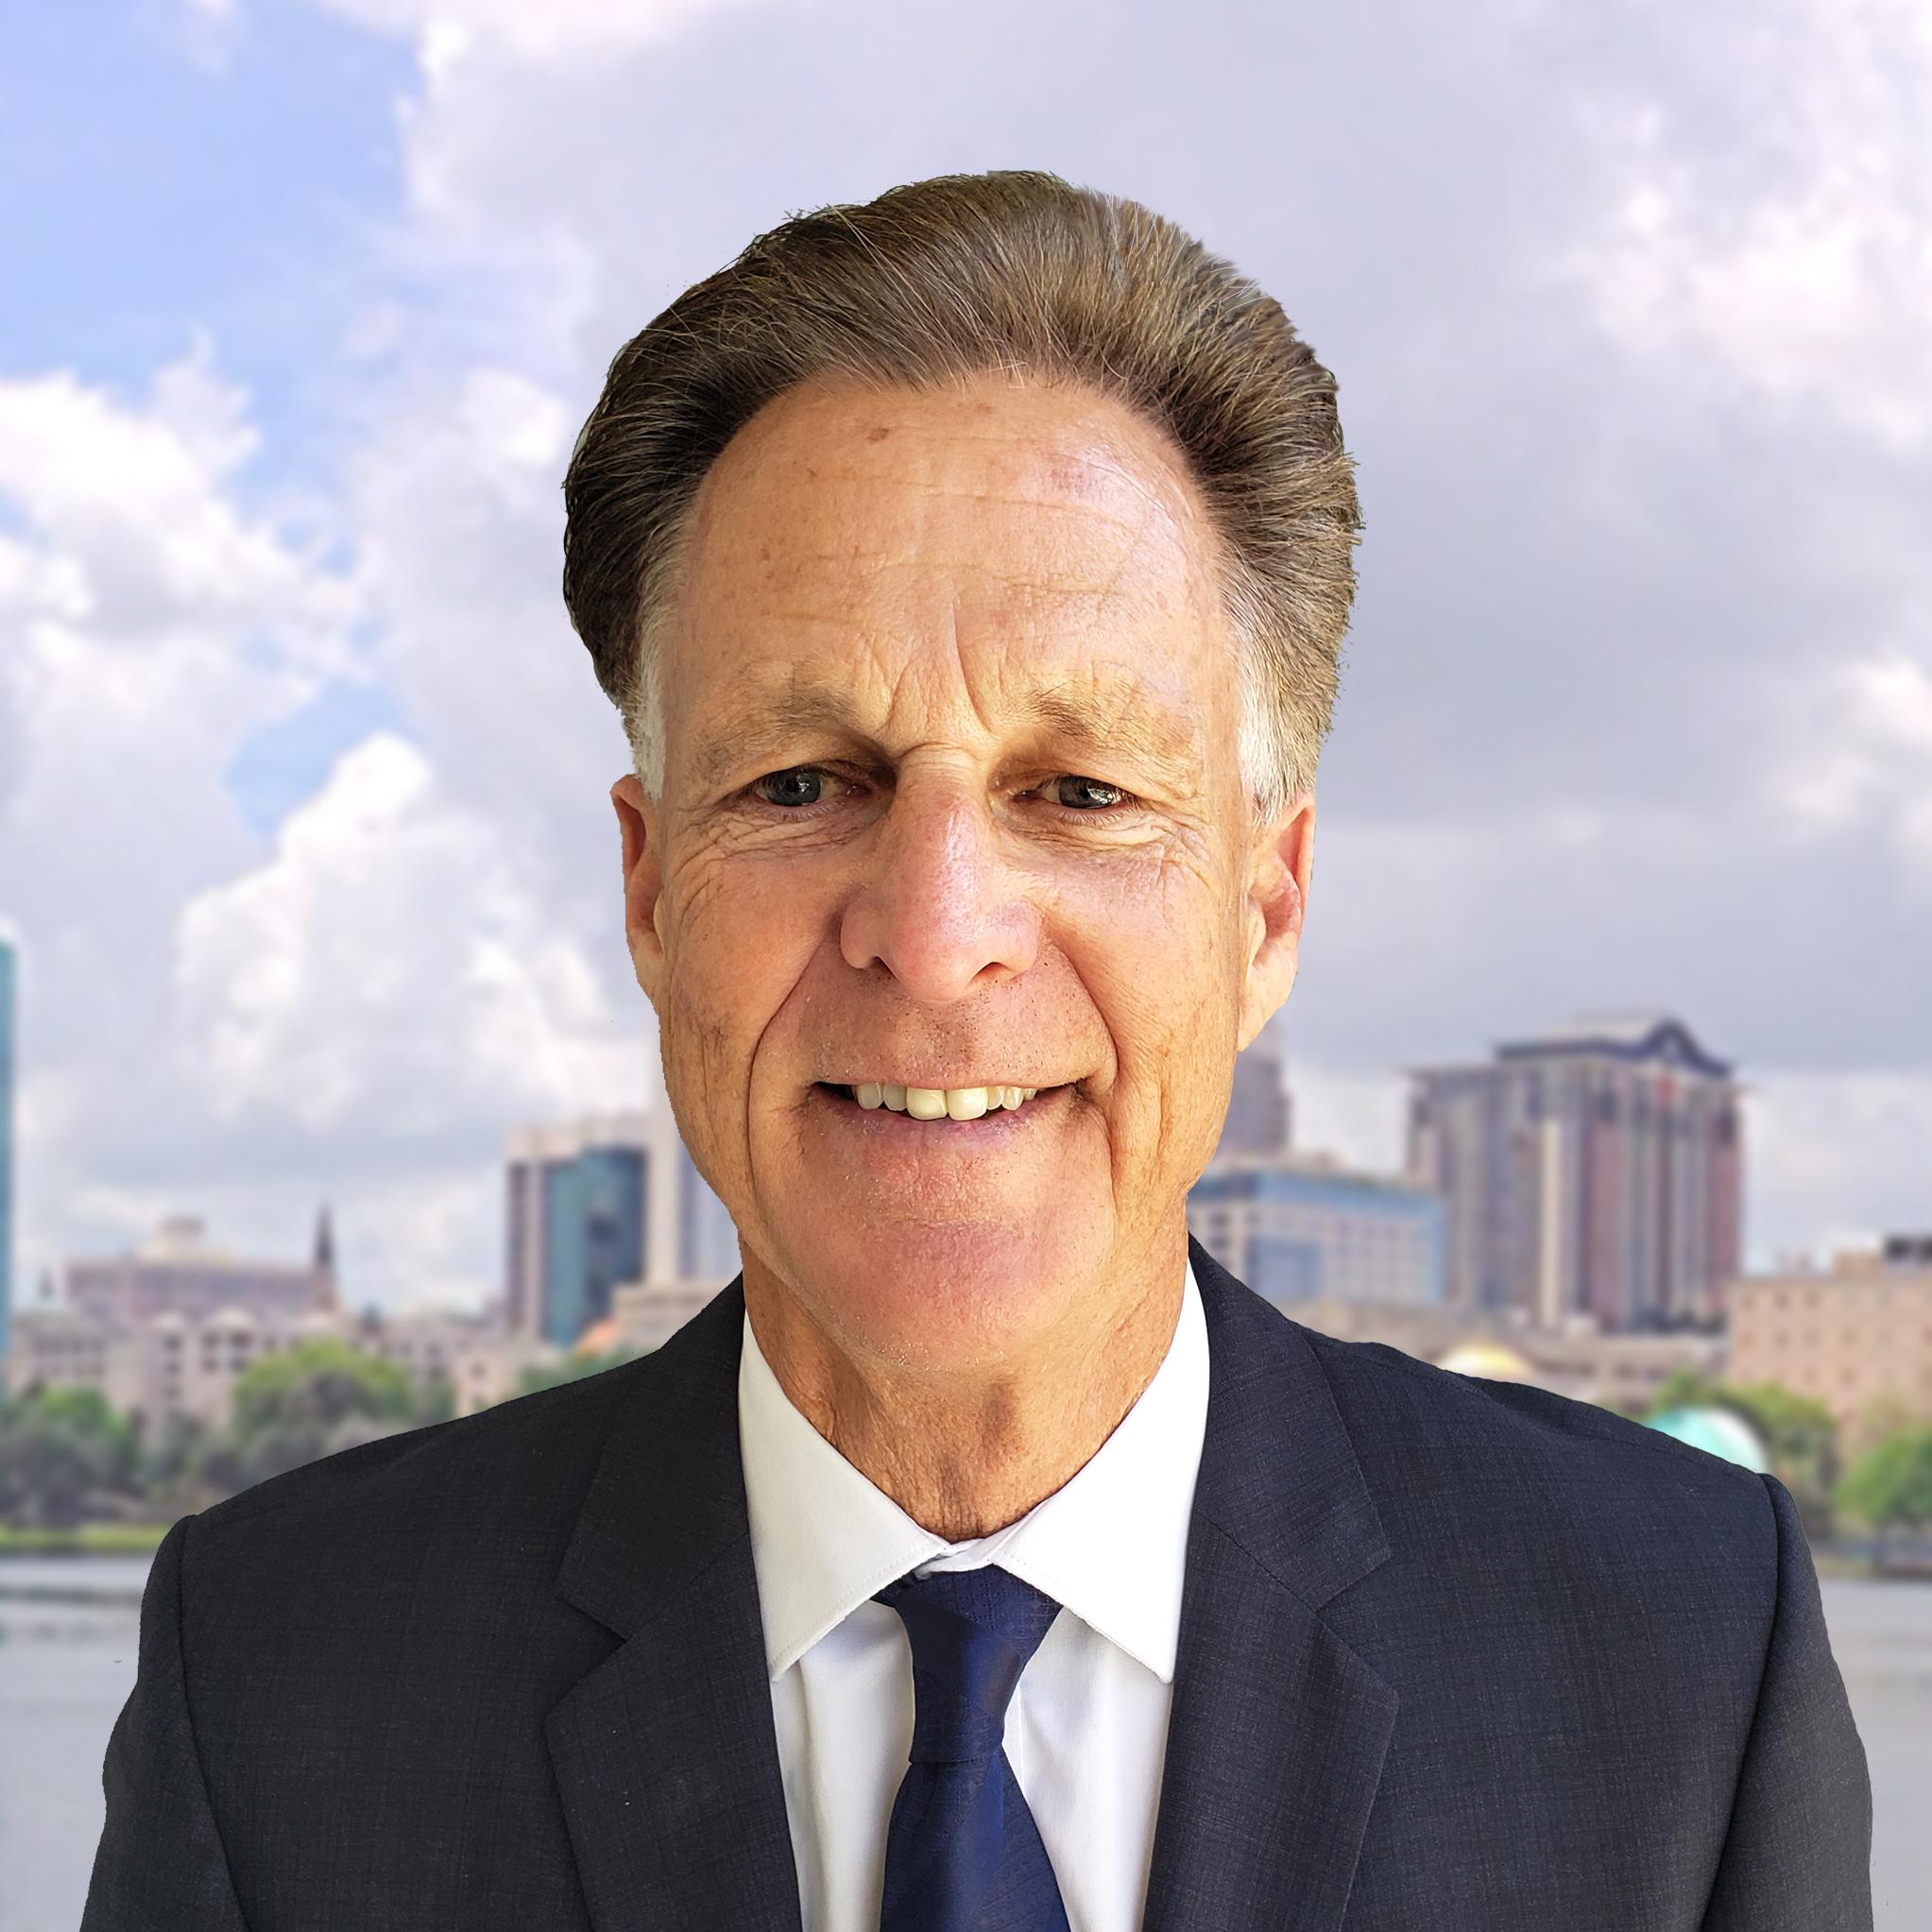 Robert Chappell